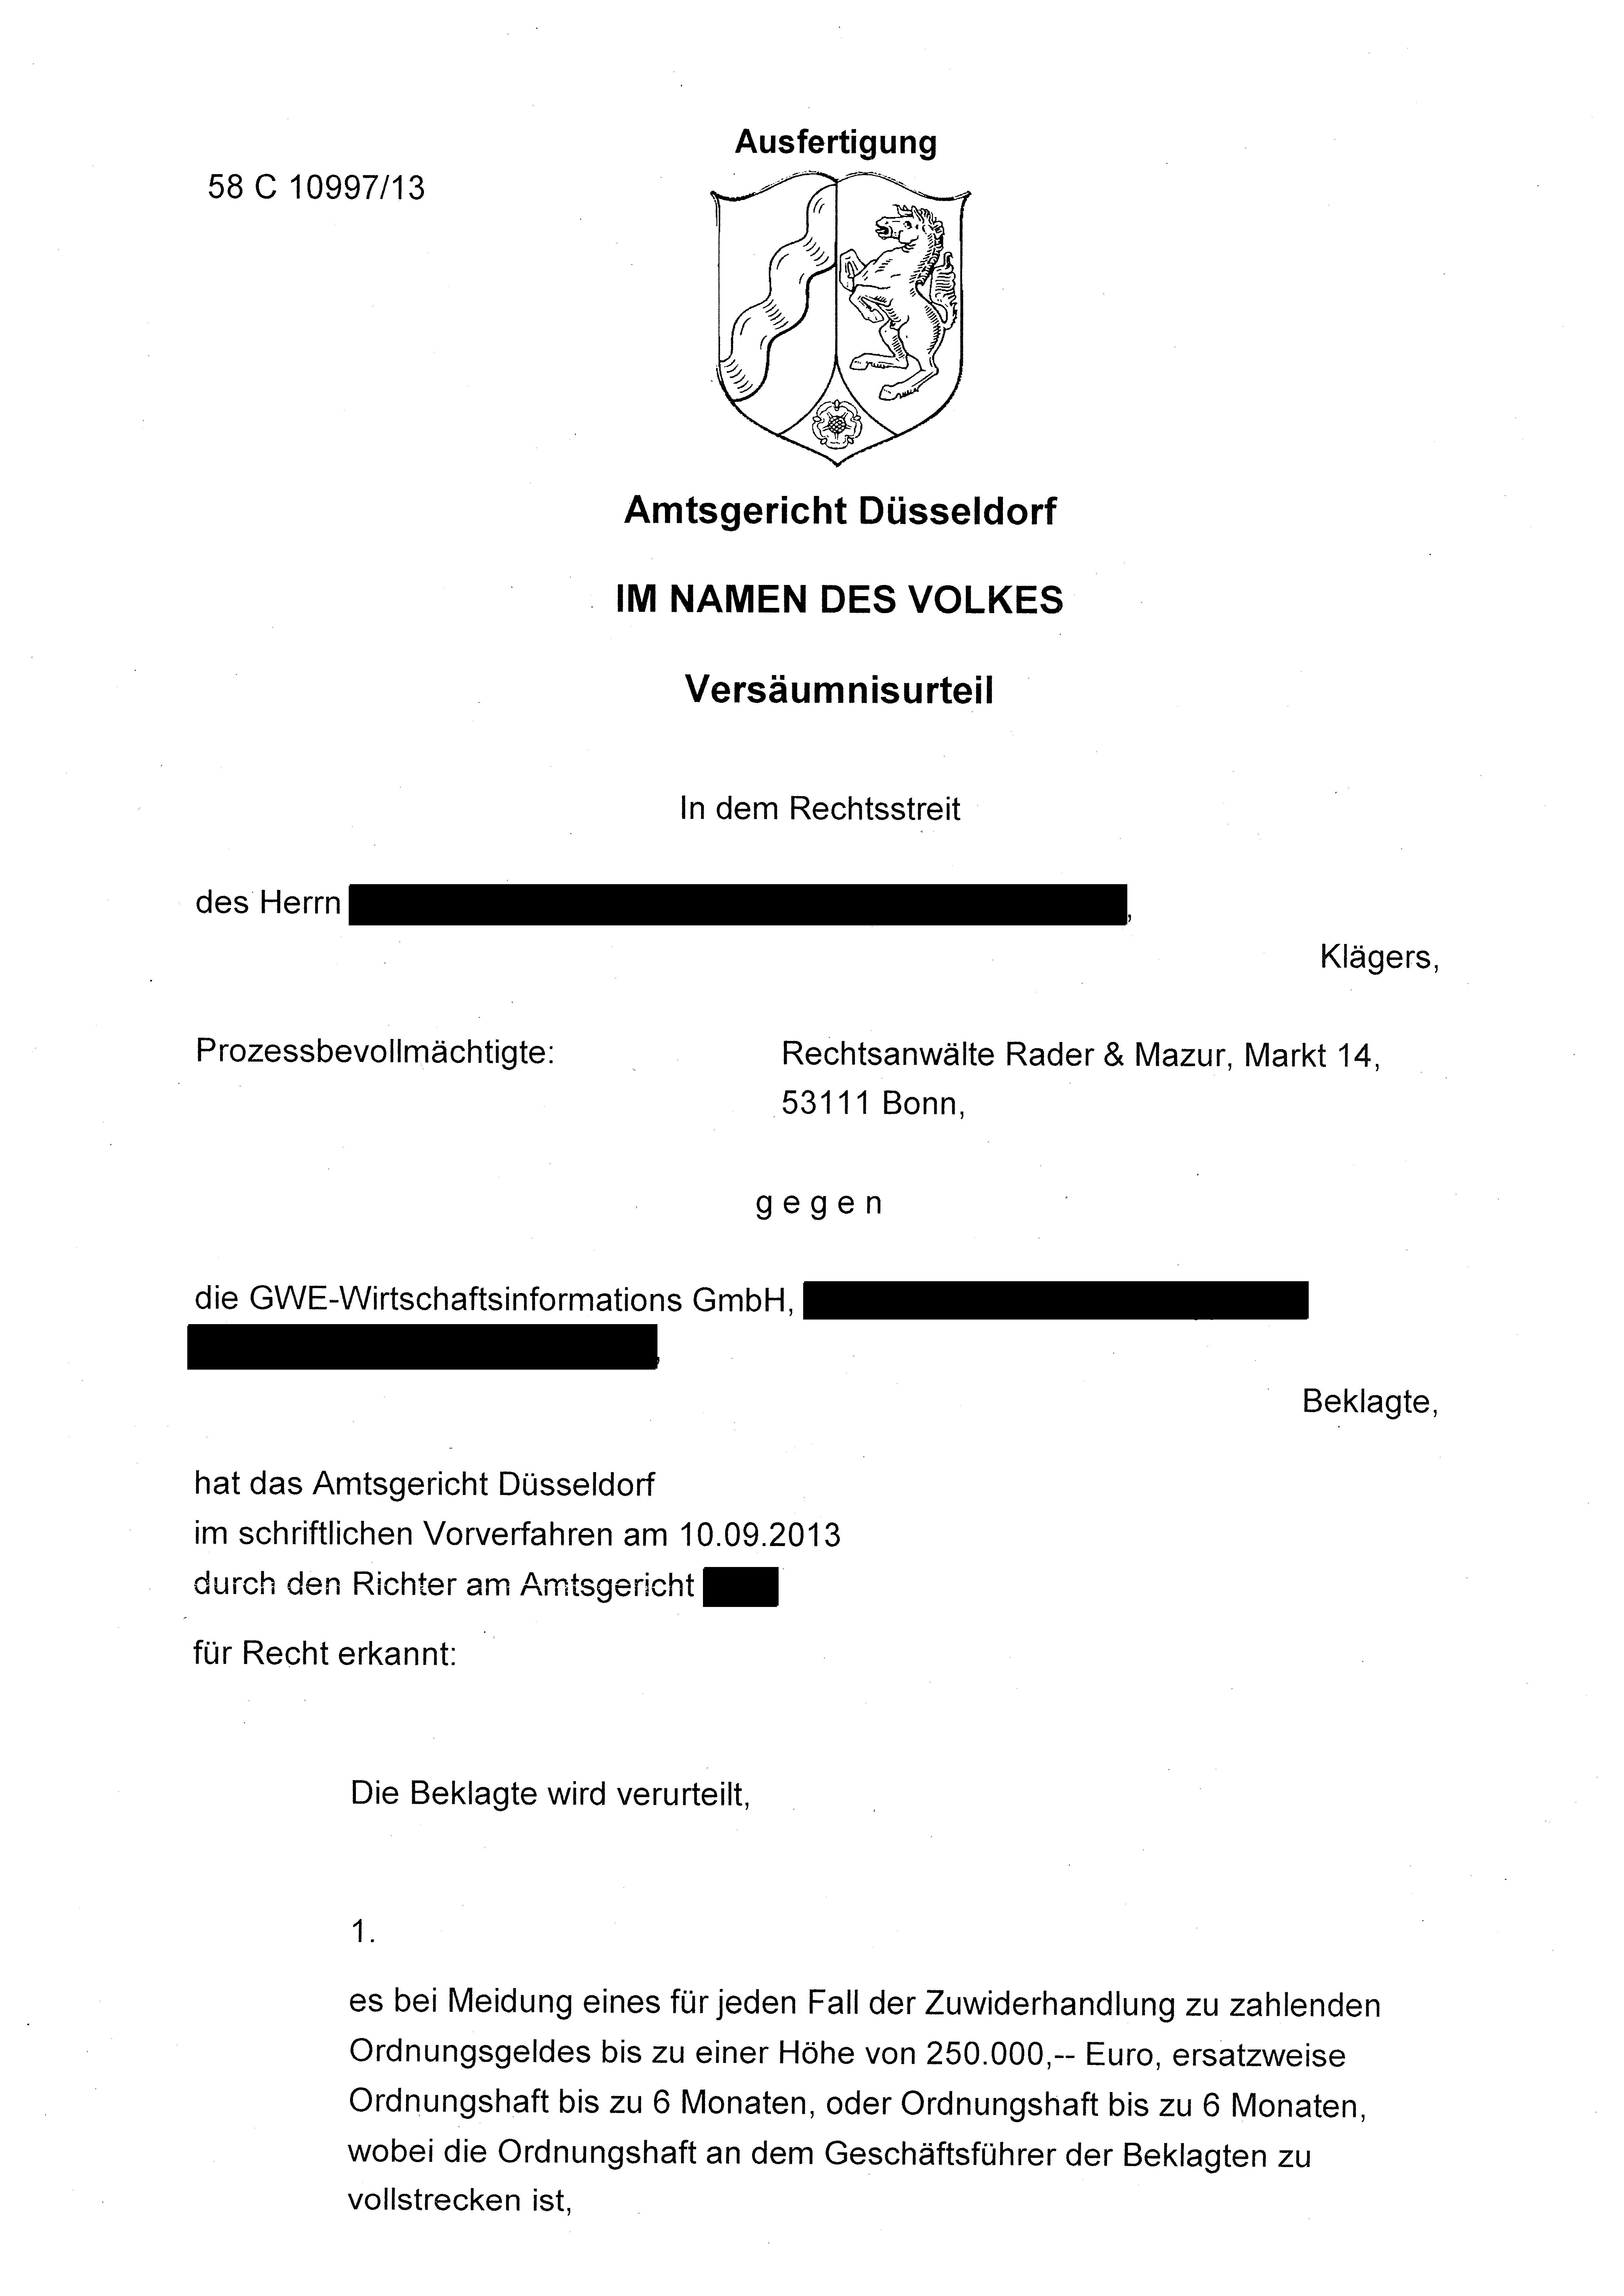 Gwe Unerwunschte Werbung Ag Dusseldorf 58 C 10997 13 Rechtsanwalt Thomas Rader